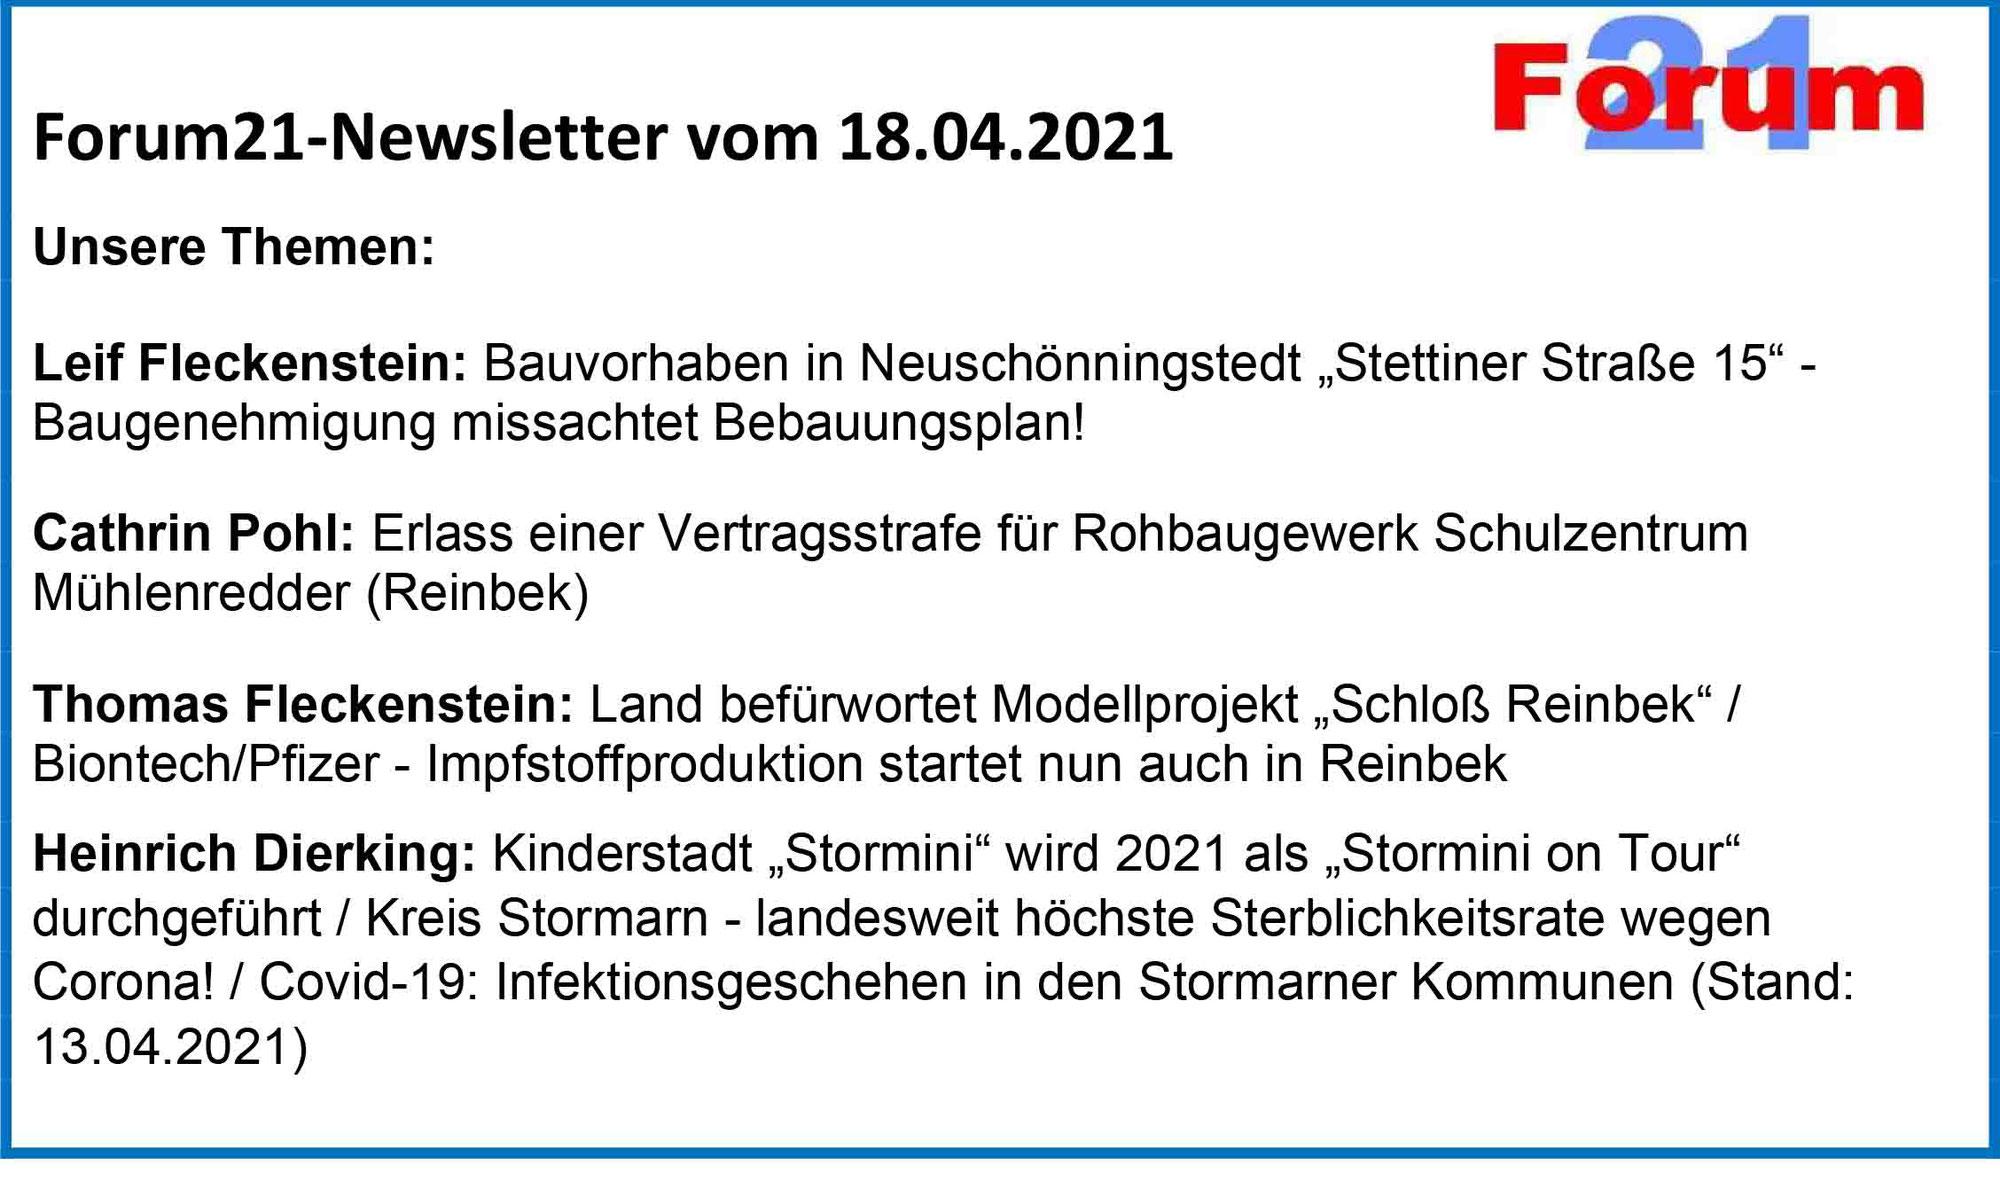 Forum21-Newsletter vom 18.04.2021